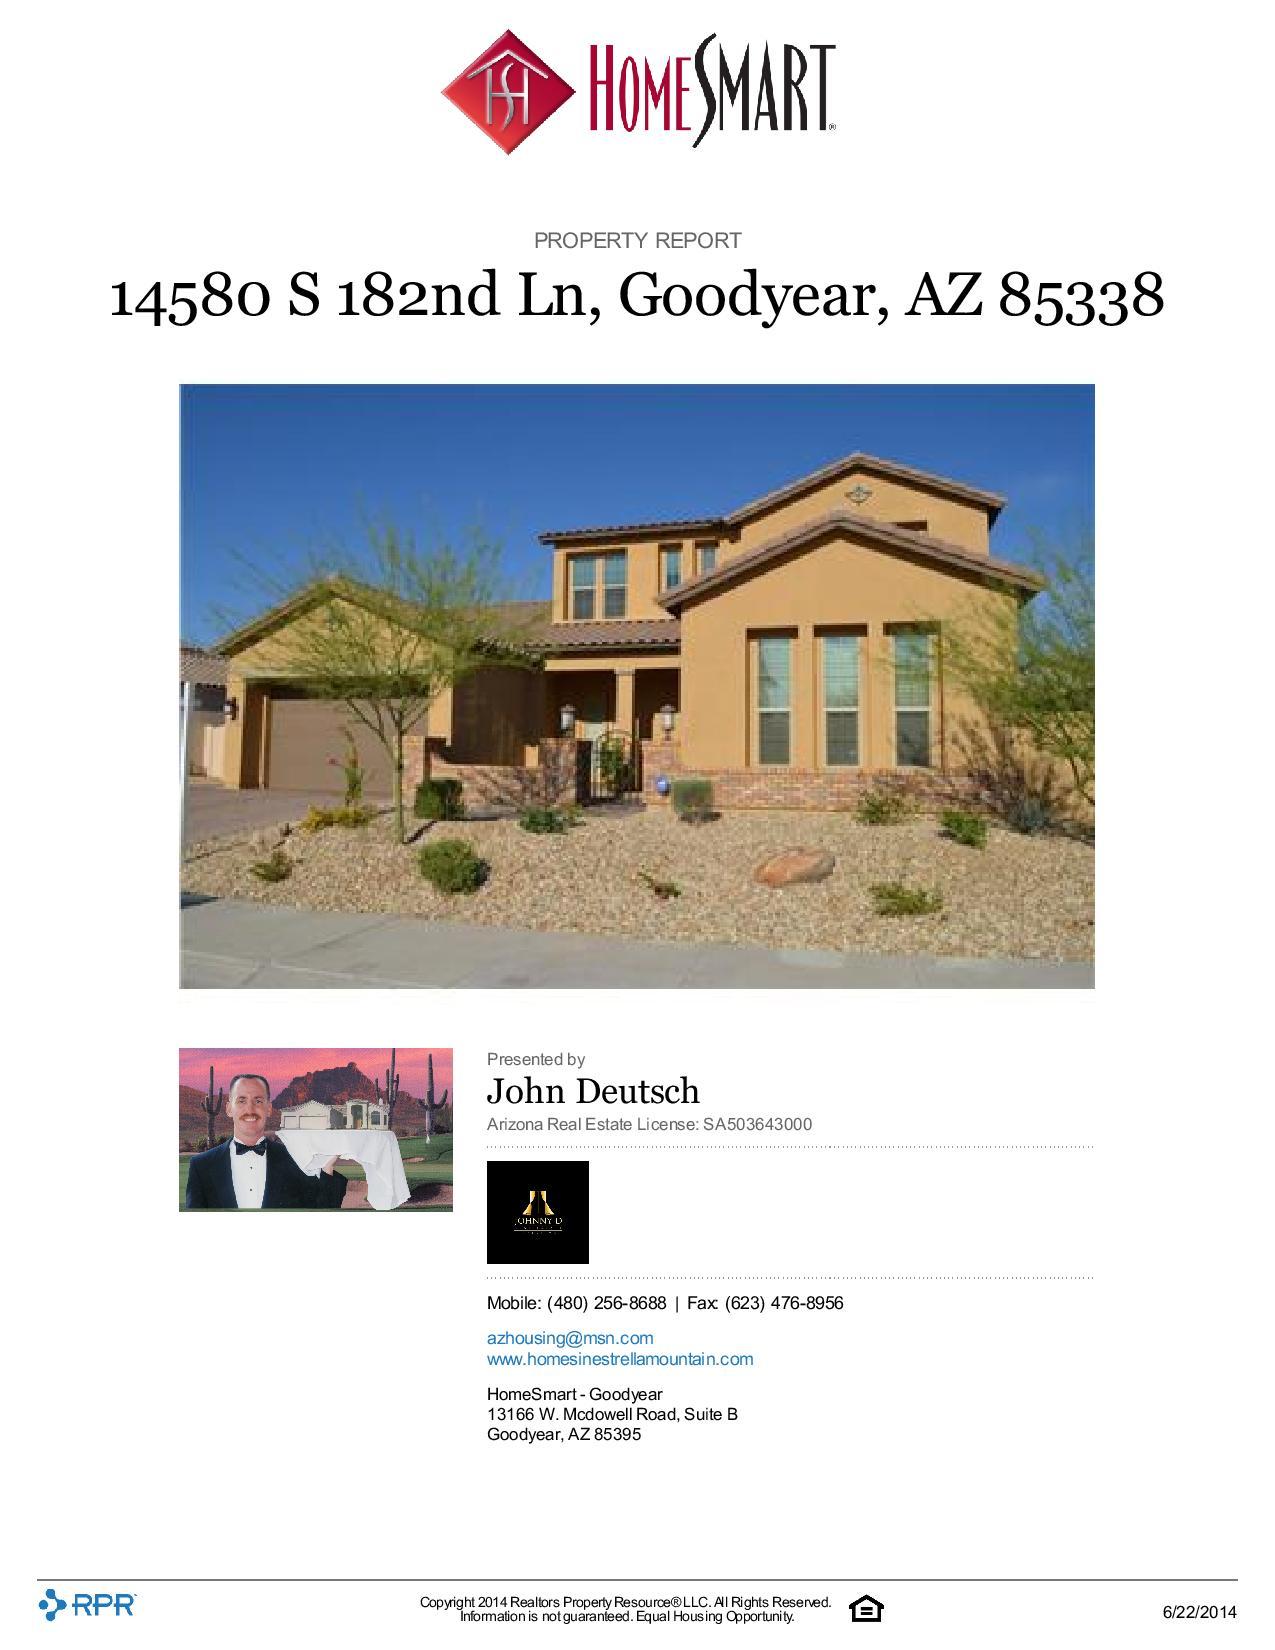 14580-S-182nd-Ln-Goodyear-AZ-85338-page-001